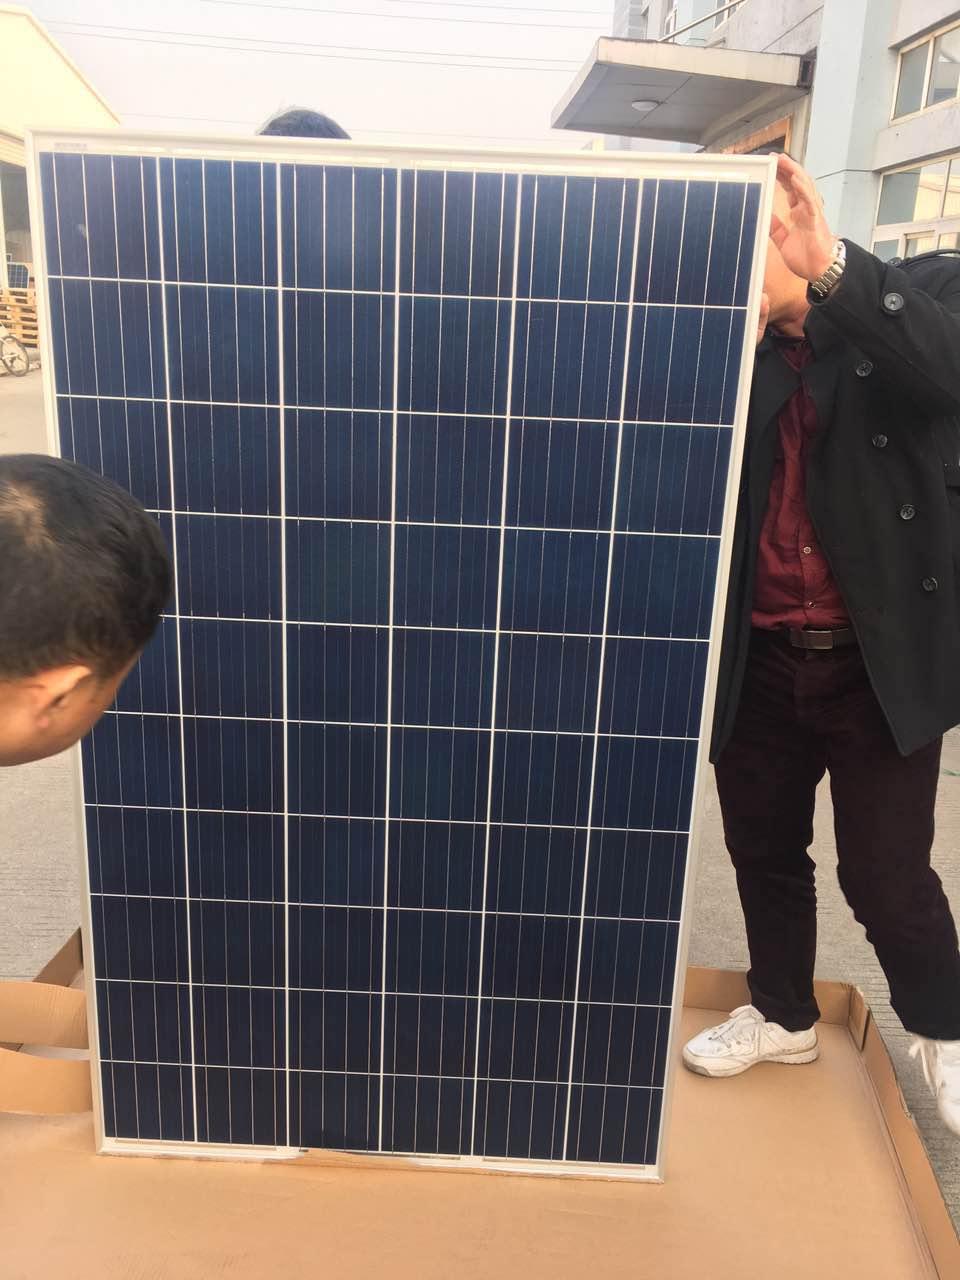 正品晶澳太阳能电池板多晶硅太阳能组件家用太阳能发电系统